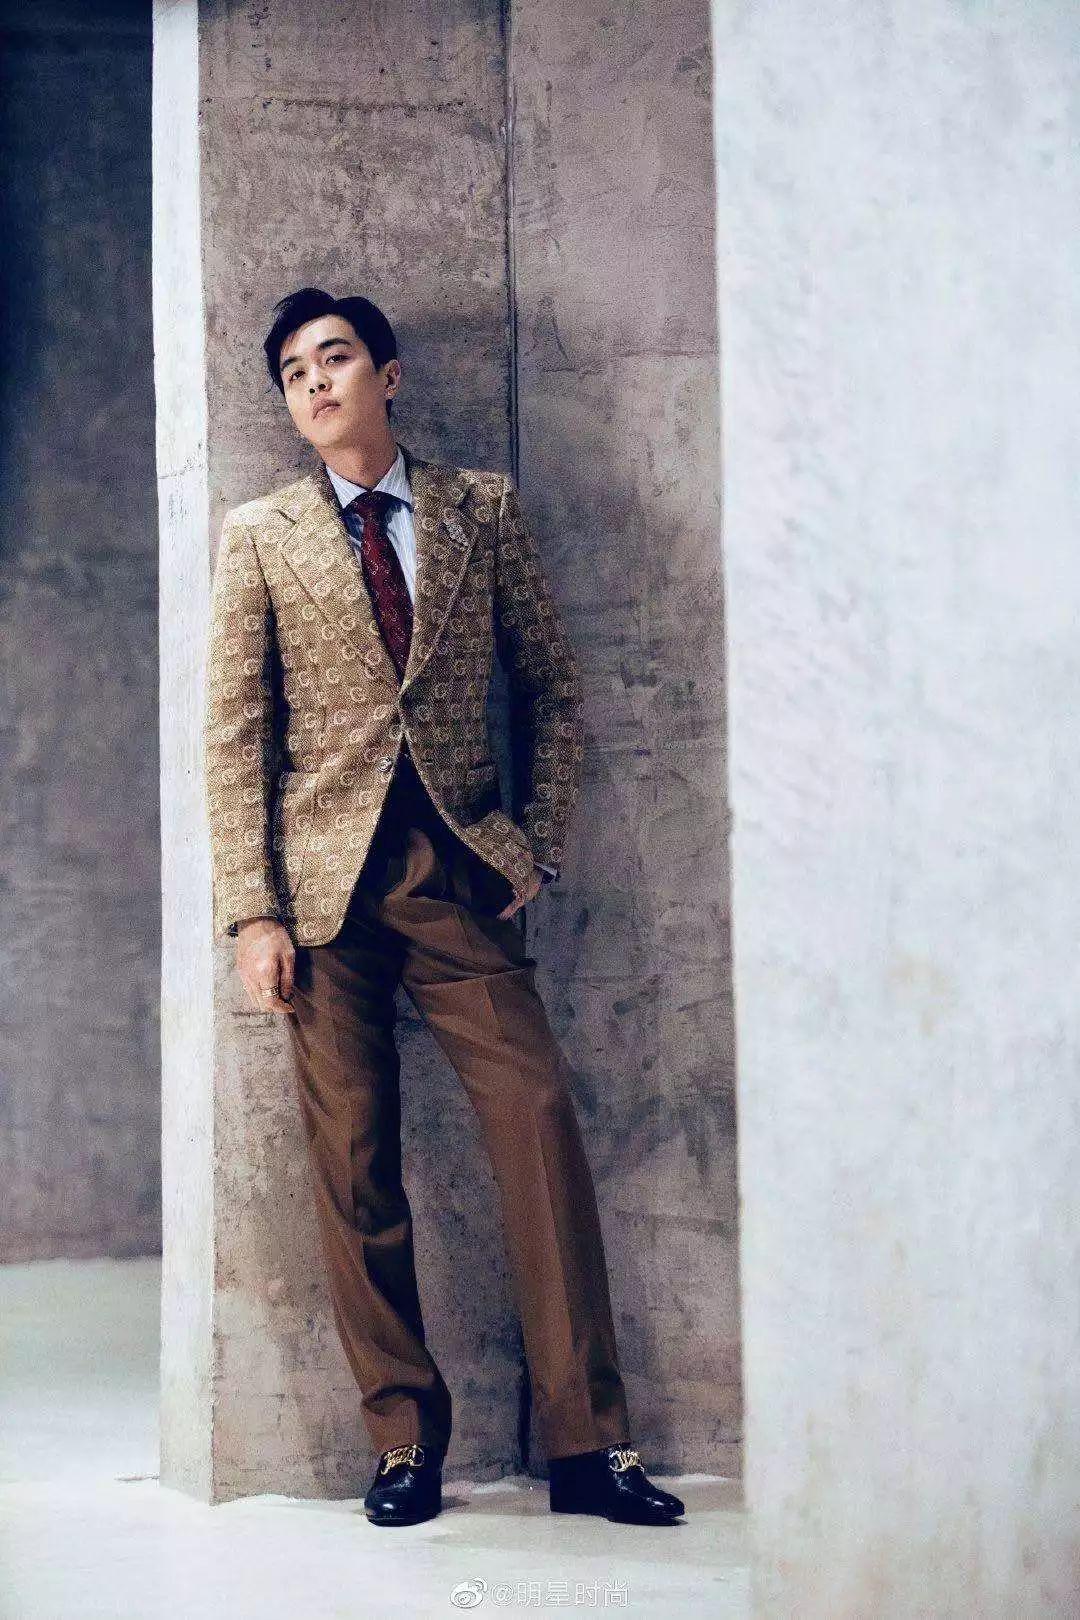 张若昀一身GUCCI金色西装亮相,另类复古奢华,尽显男人魅力